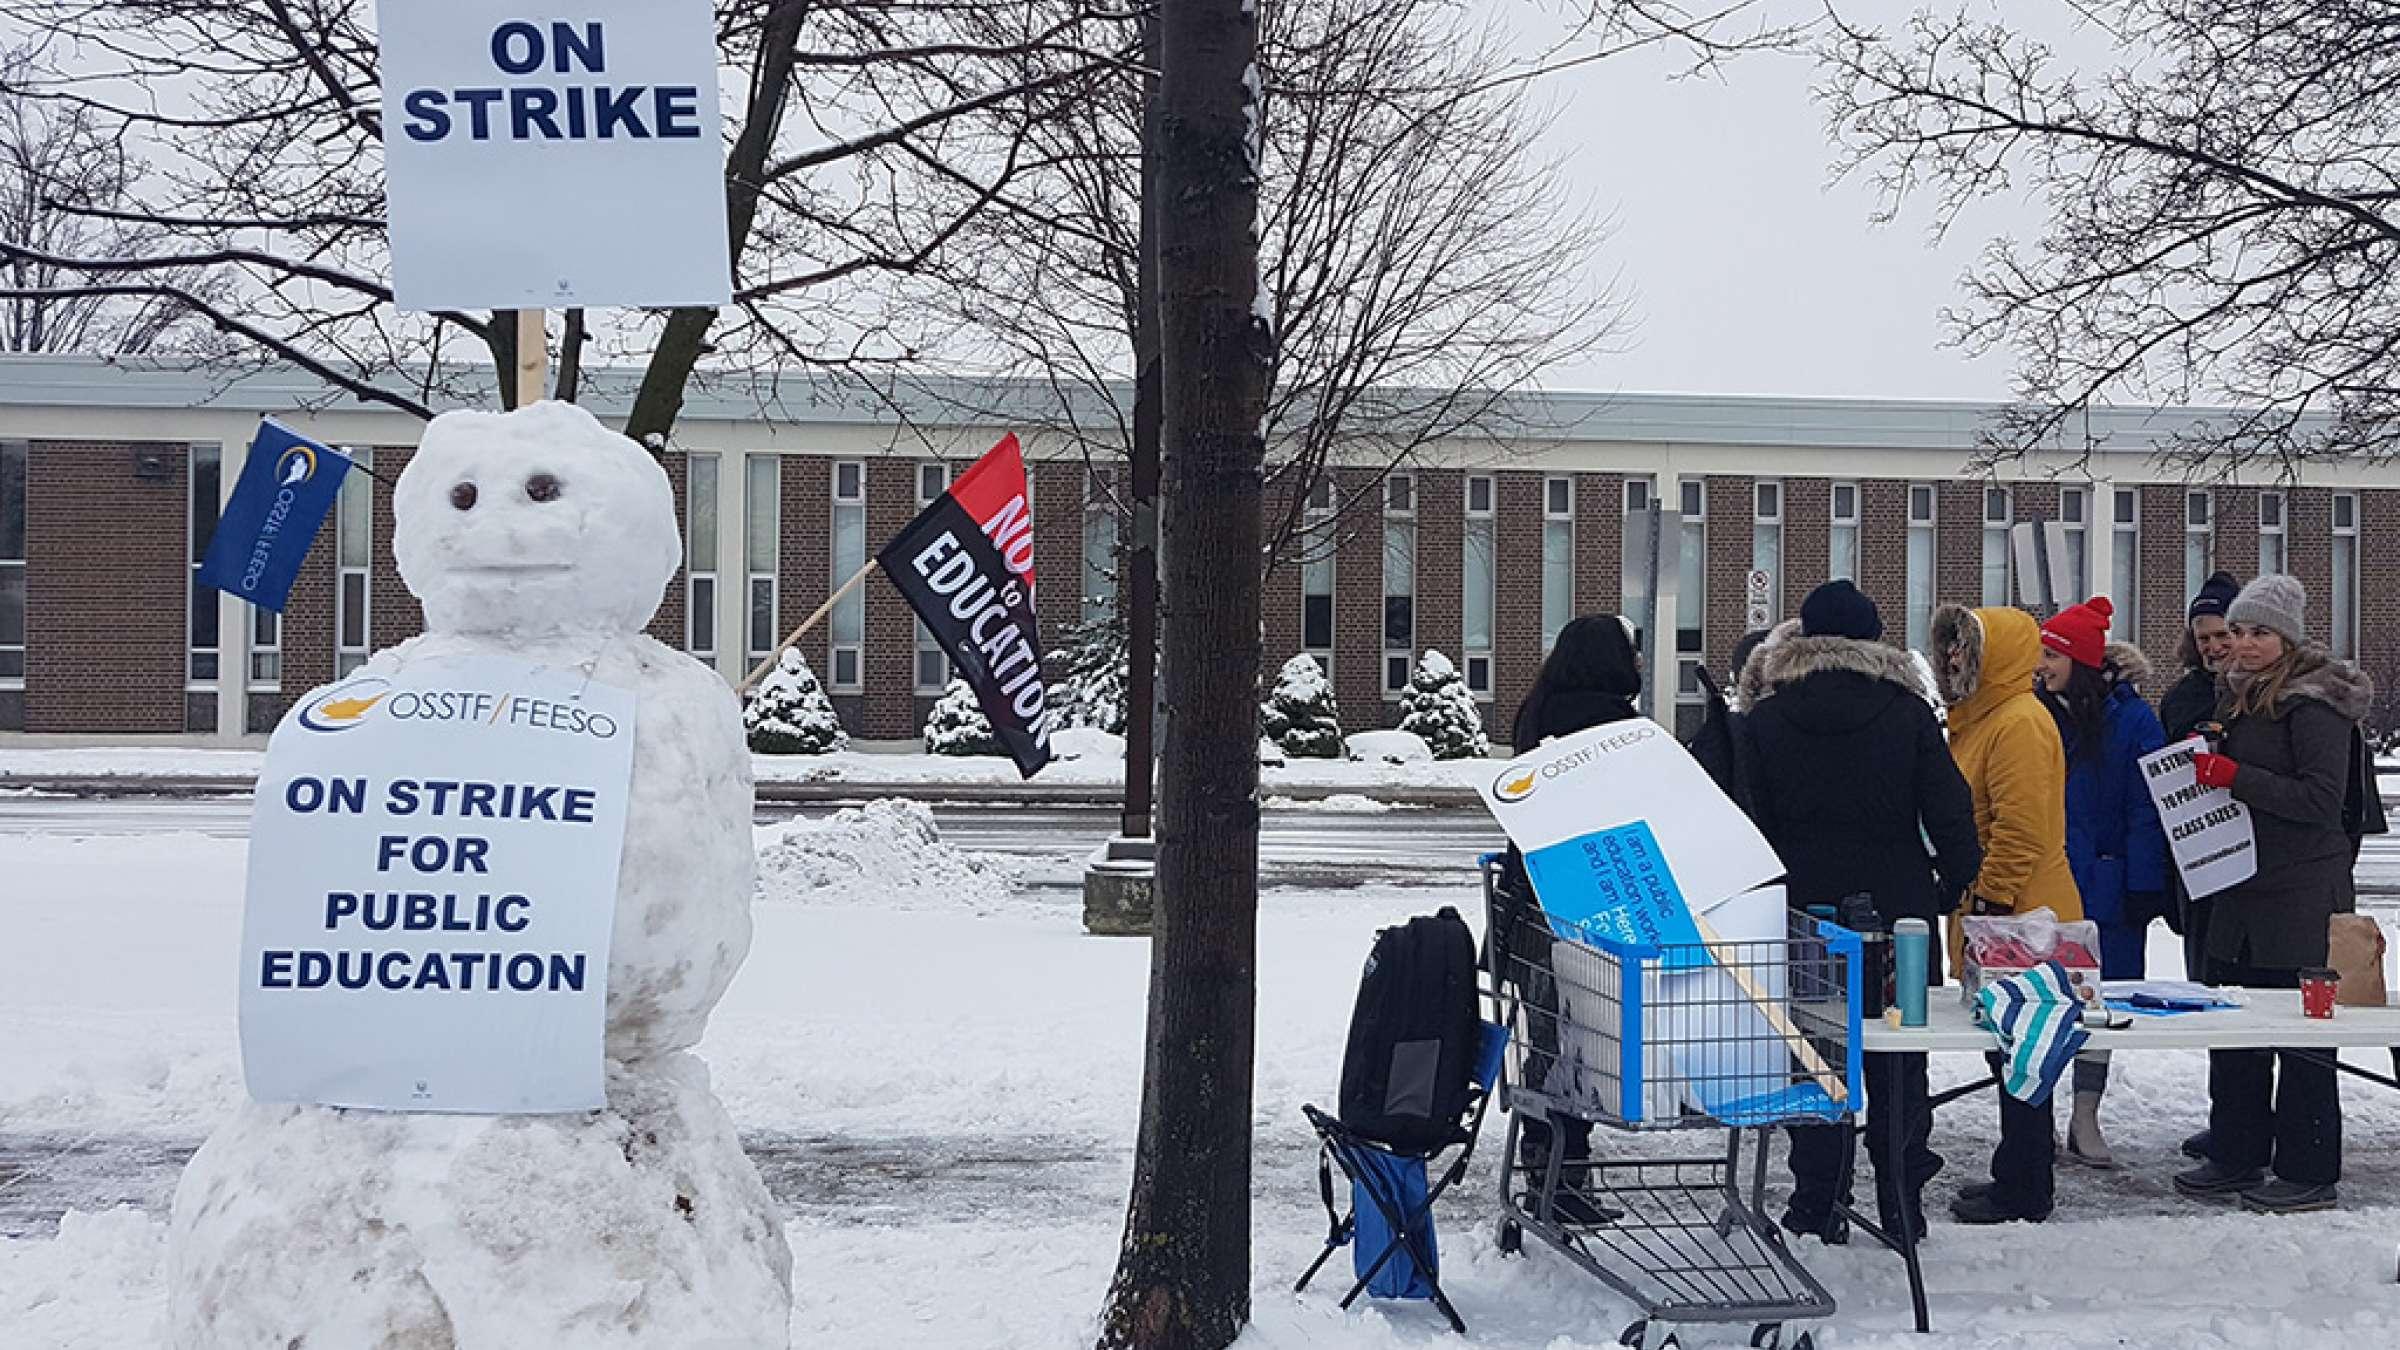 اخبار-تورنتو-آغاز-اعتصابات-یکروزه-دبیرستانهای-انتاریو-ریچموندهیل